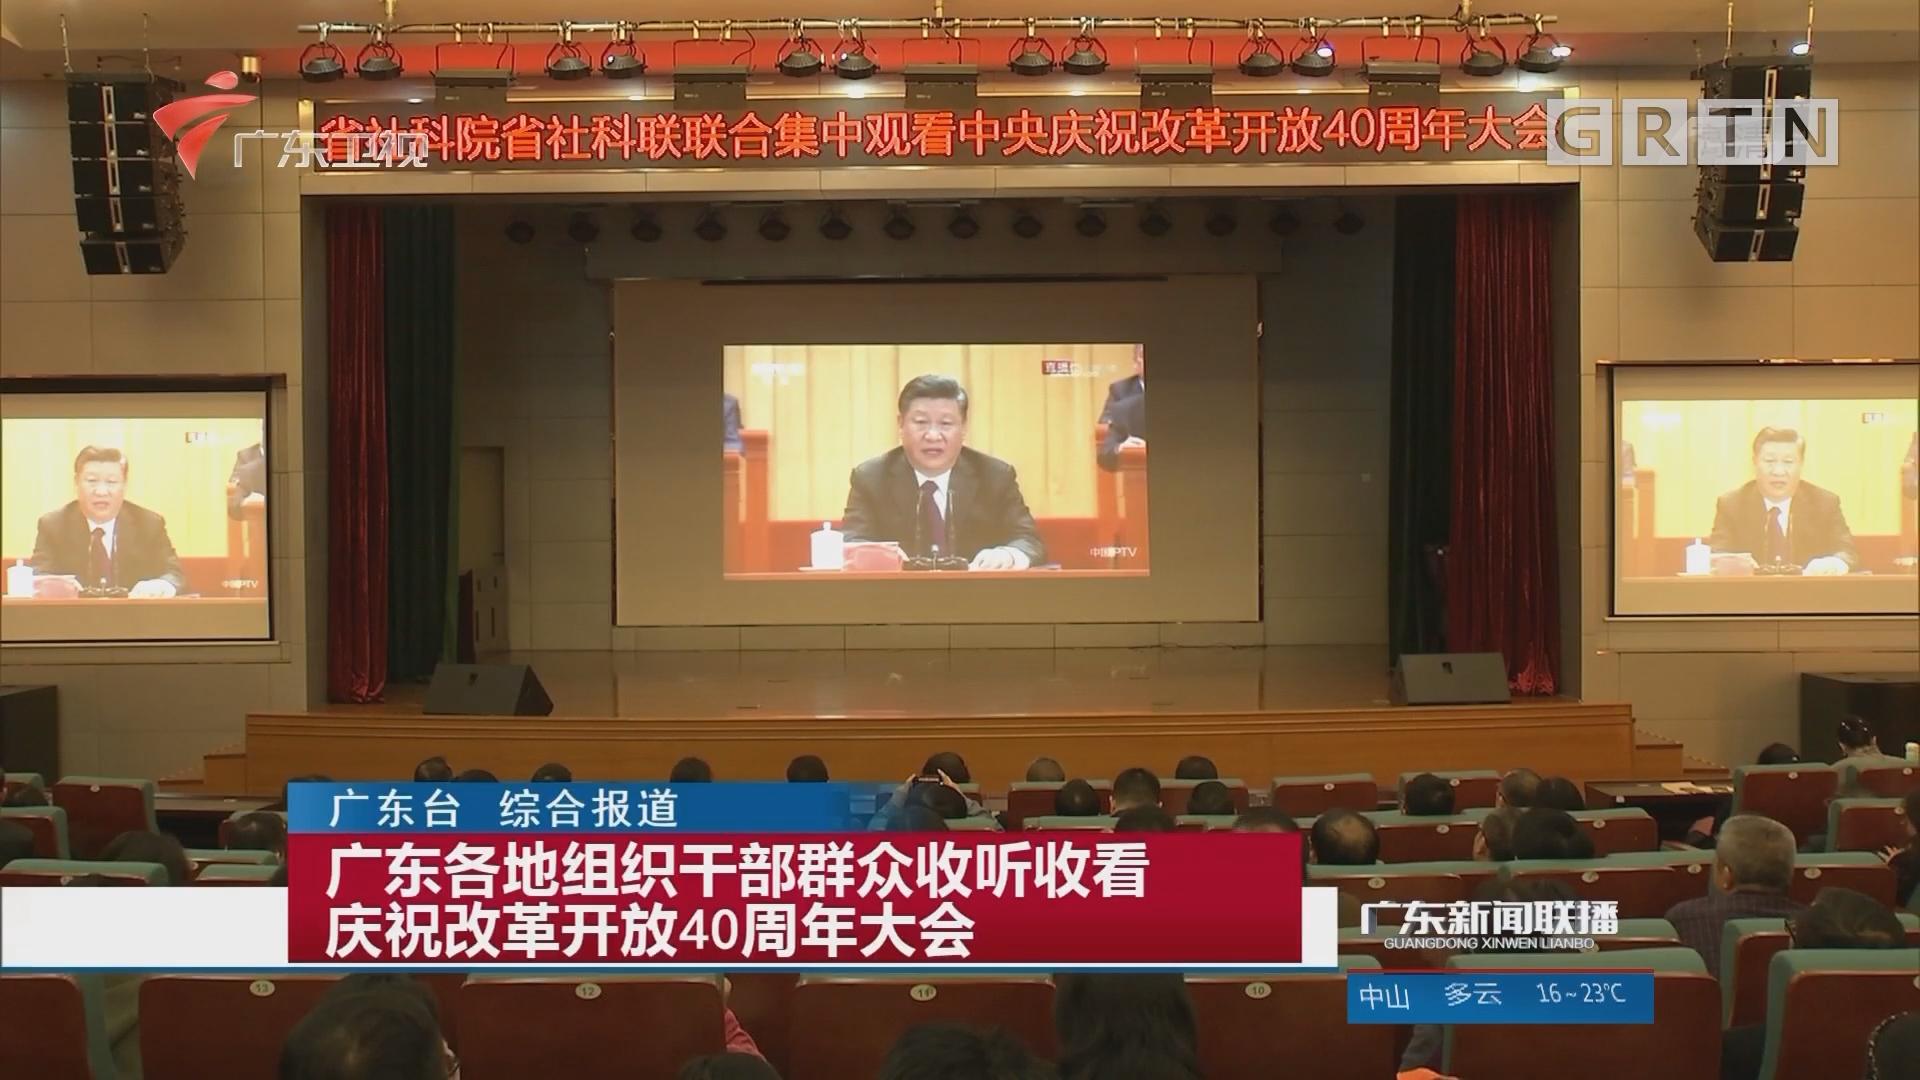 广东各地组织干部群众收听收看庆祝改革开放40周年大会